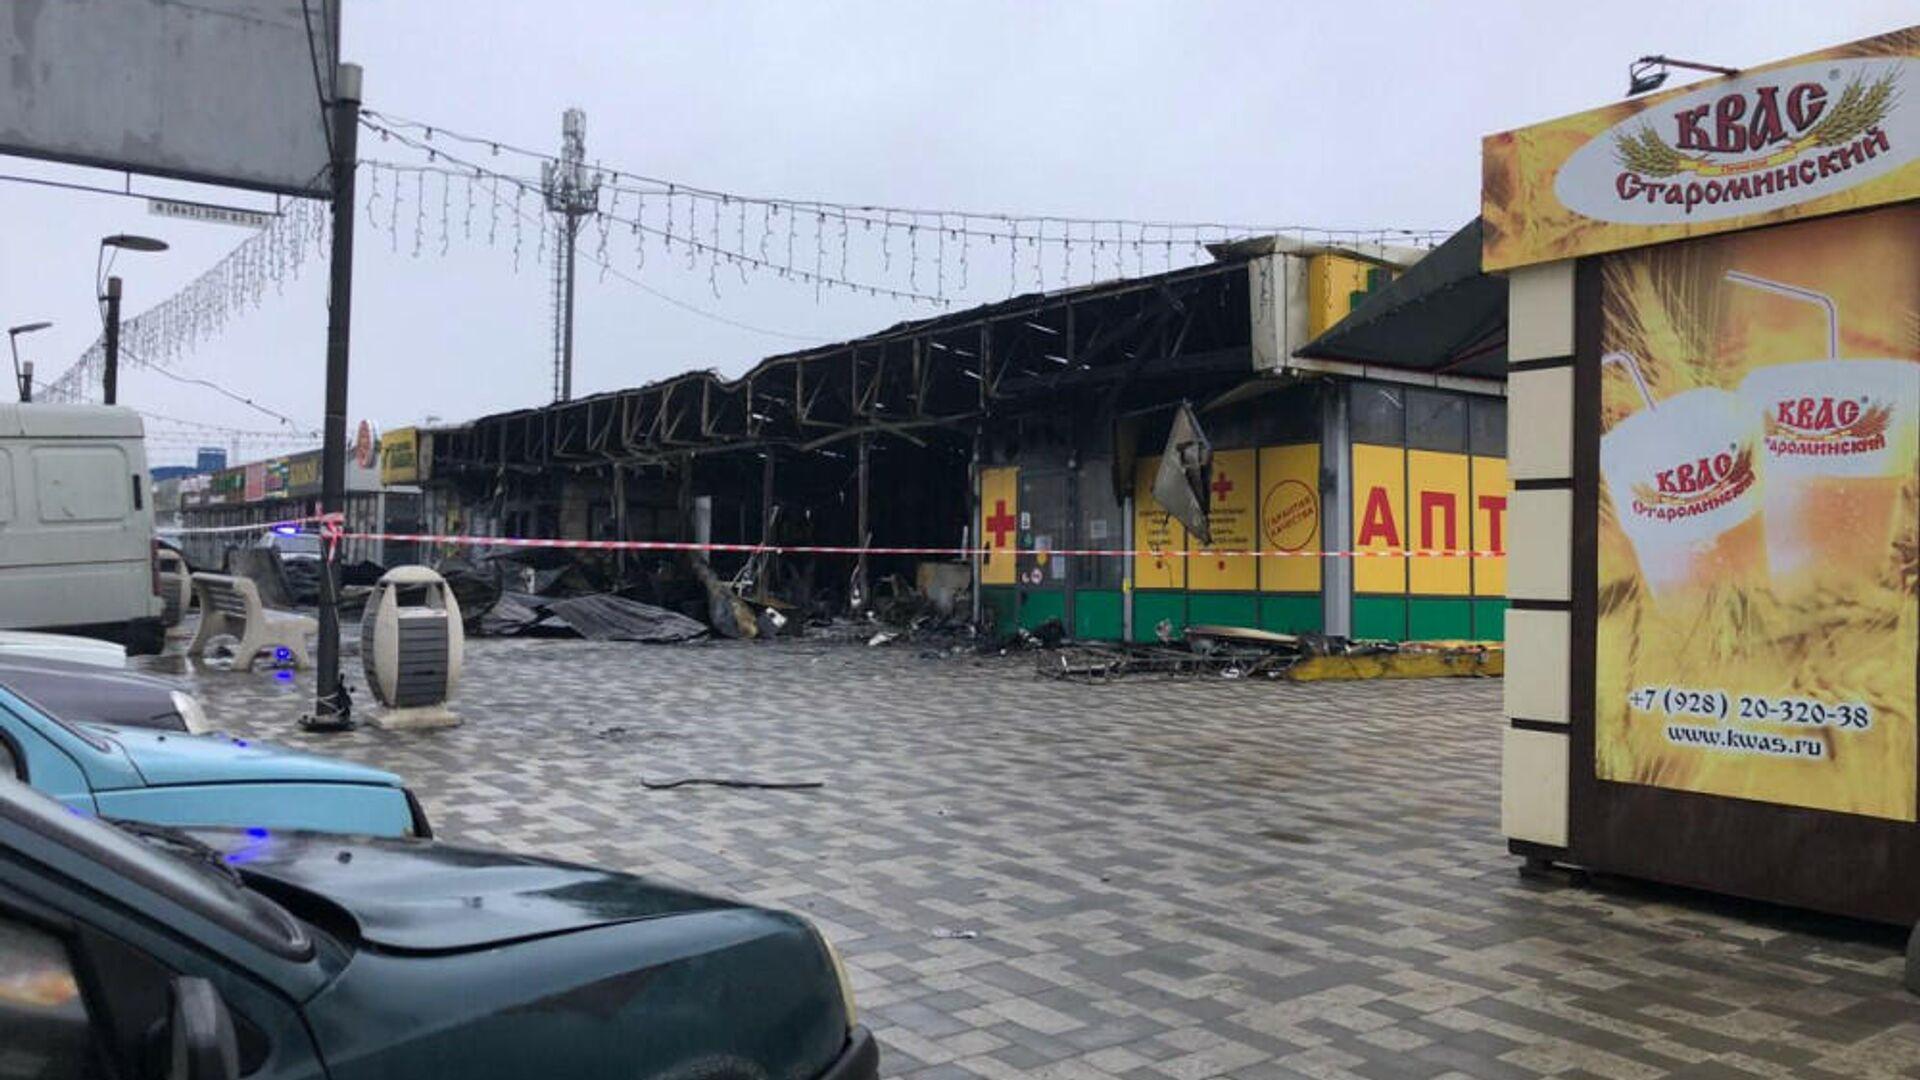 В Ростове-на-Дону три человека пострадали при пожаре в торговых рядах